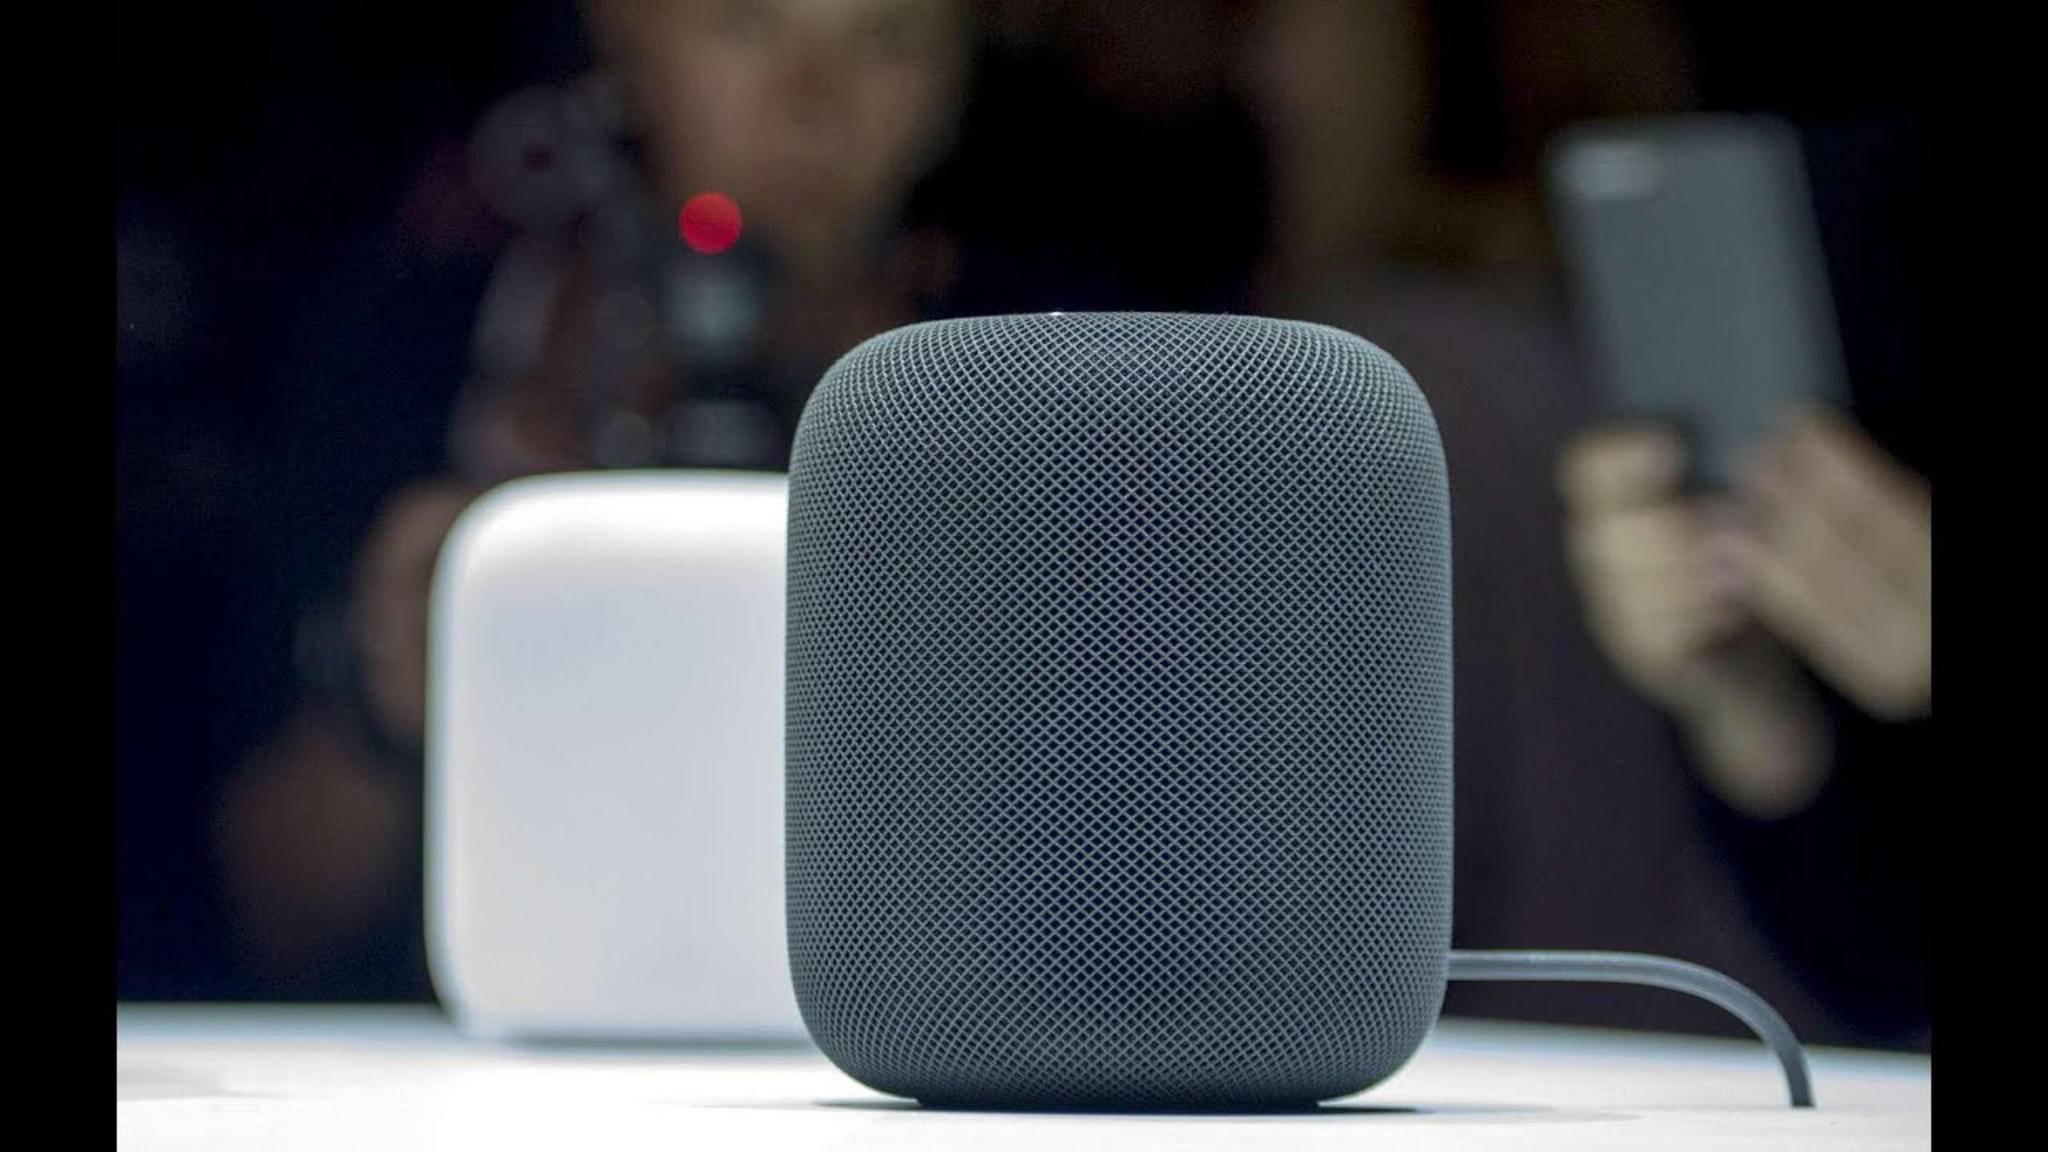 Kommt nicht vor Weihnachten, sondern erst später: der Apple HomePod.